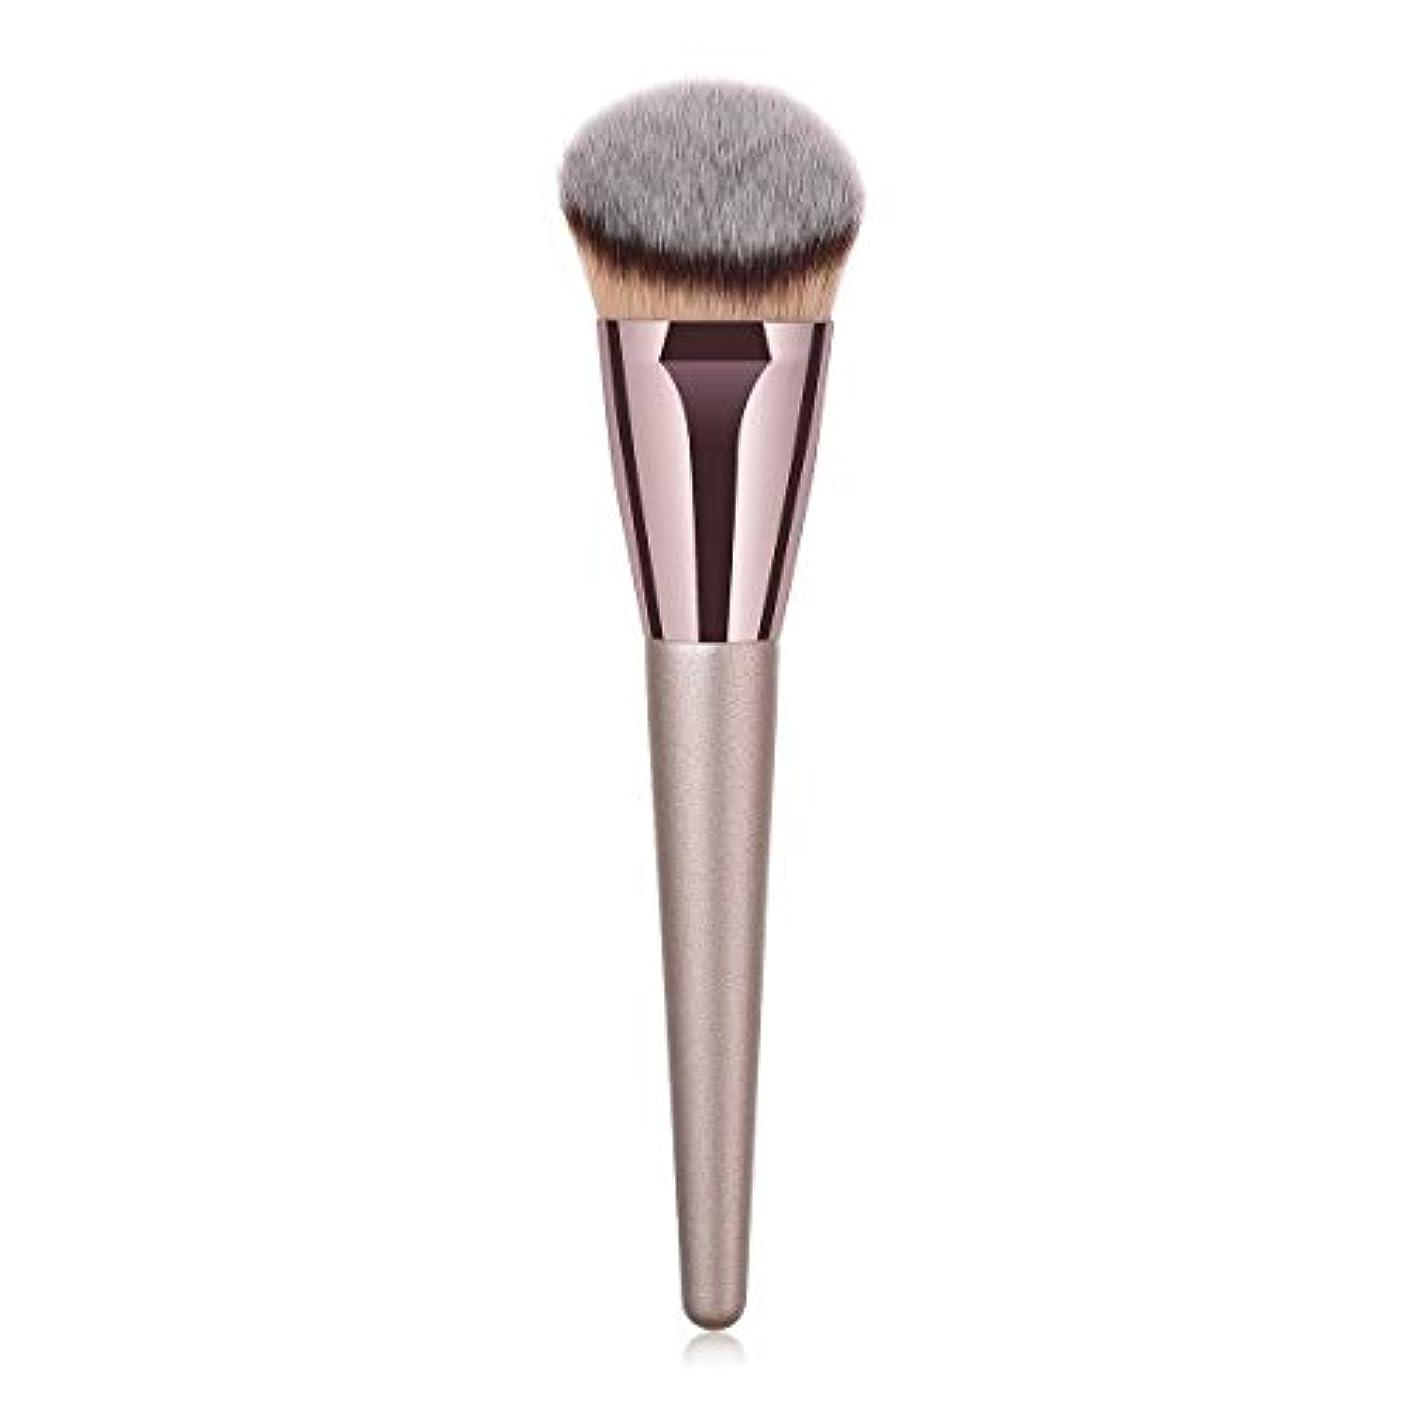 告白するエイリアスエントリMakeup brushes 持ち運びに便利、歌舞伎化粧ブラシ用パウダーブラッシュパウダーフルイド化粧品美容ツールCanonicalシングルブラシ suits (Color : Gray)